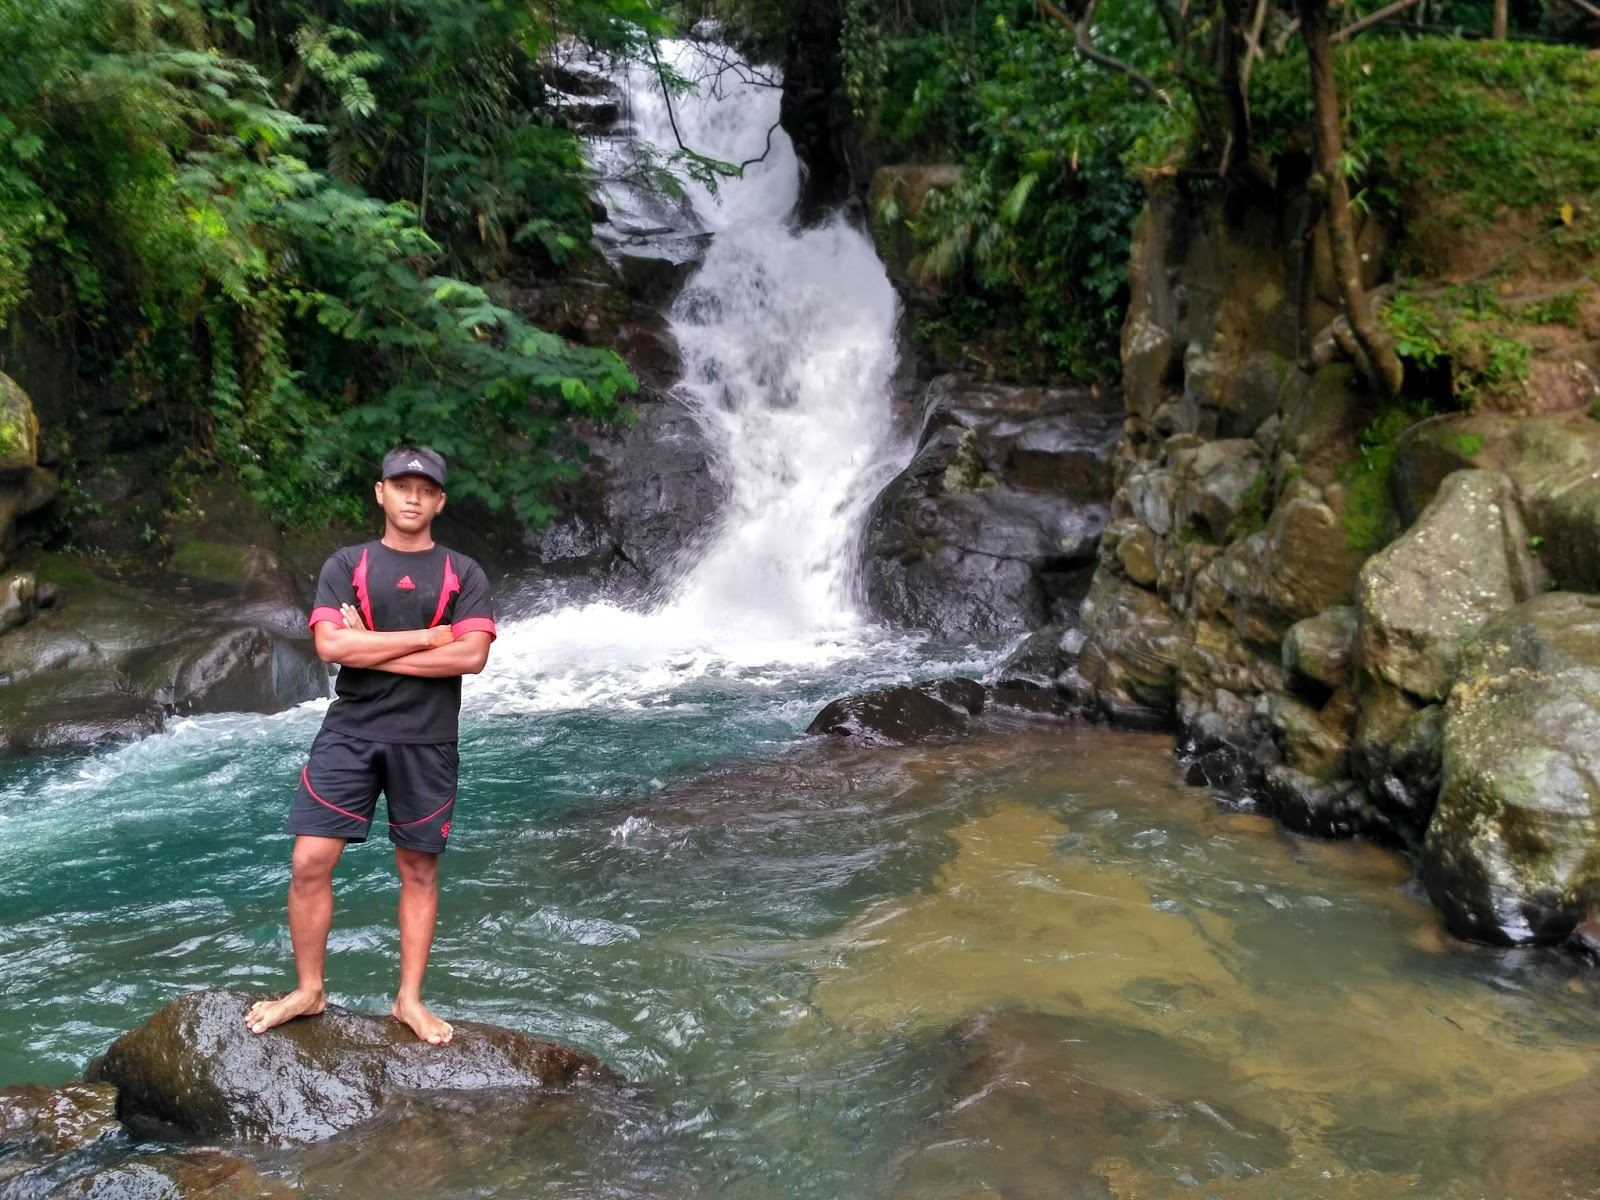 Obyek Wisata Yang Wajib Dikunjungi Air Terjun Curug